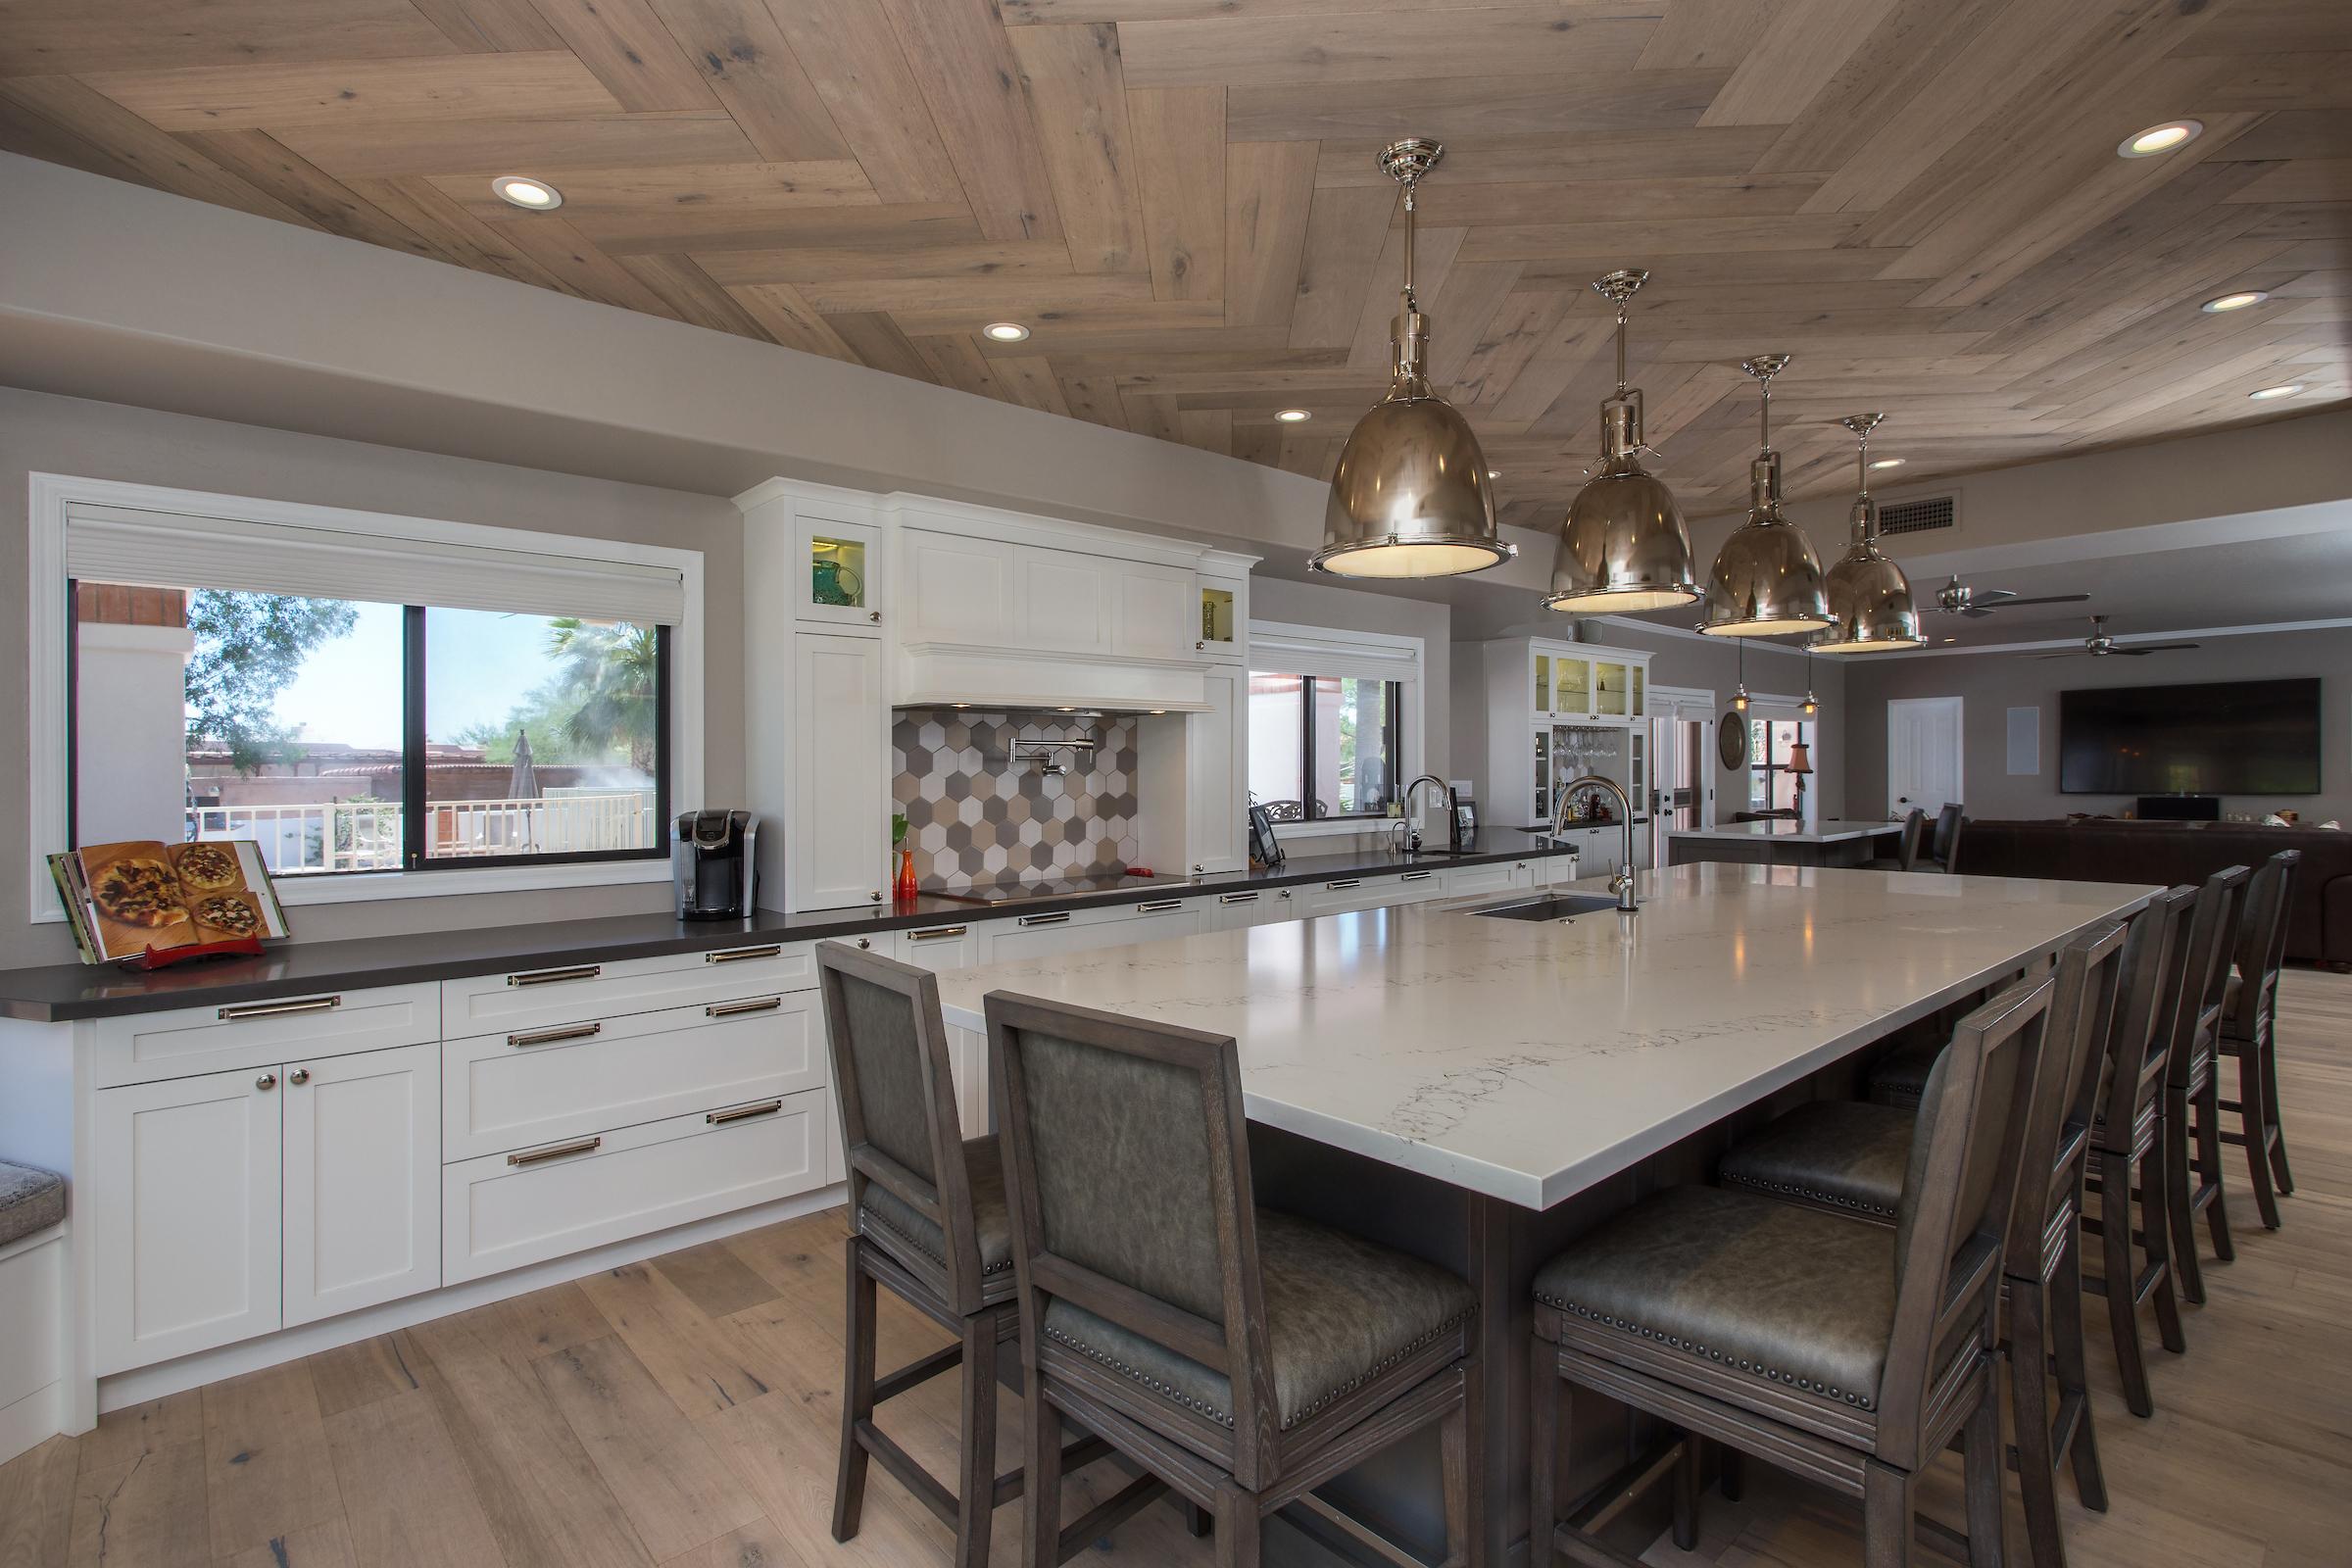 11 Kitchen Designs Already Trending in 2020